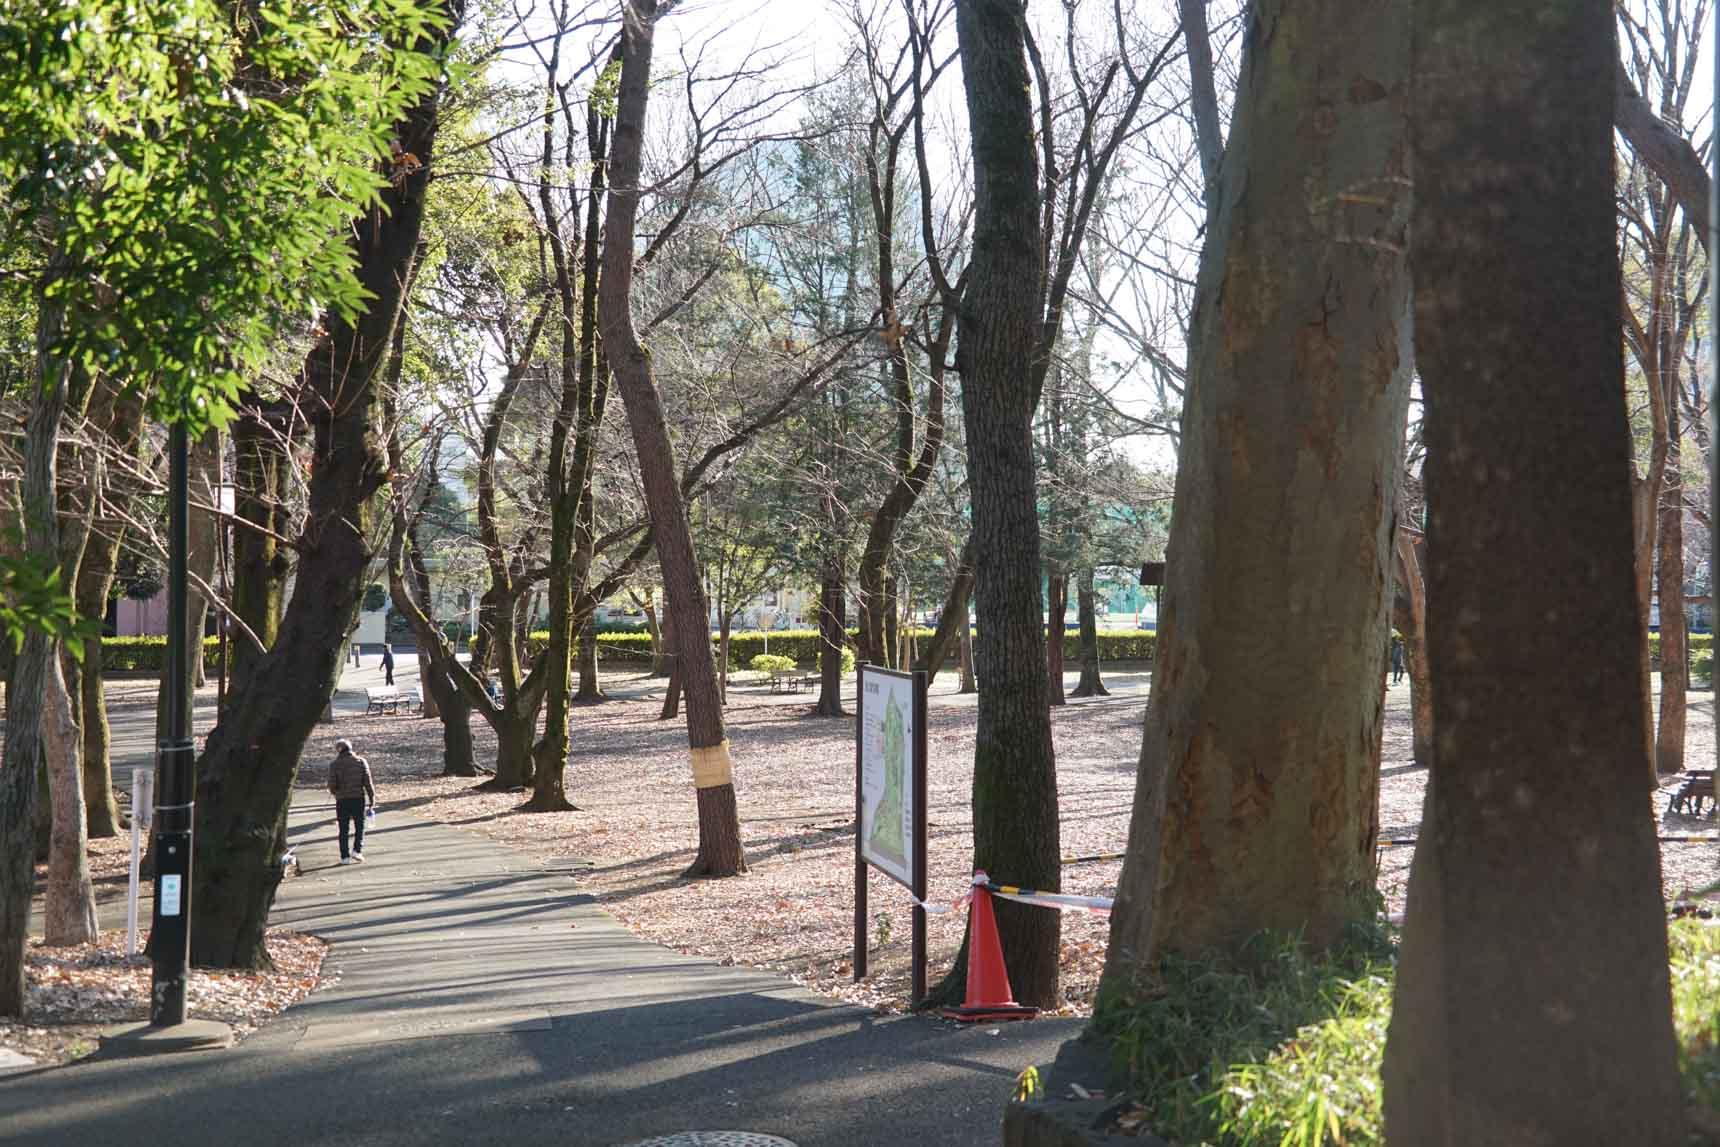 芦花公園駅から南へ15分ほど歩くと、駅名にもなっている「蘆花恒春園(芦花公園)」があります。